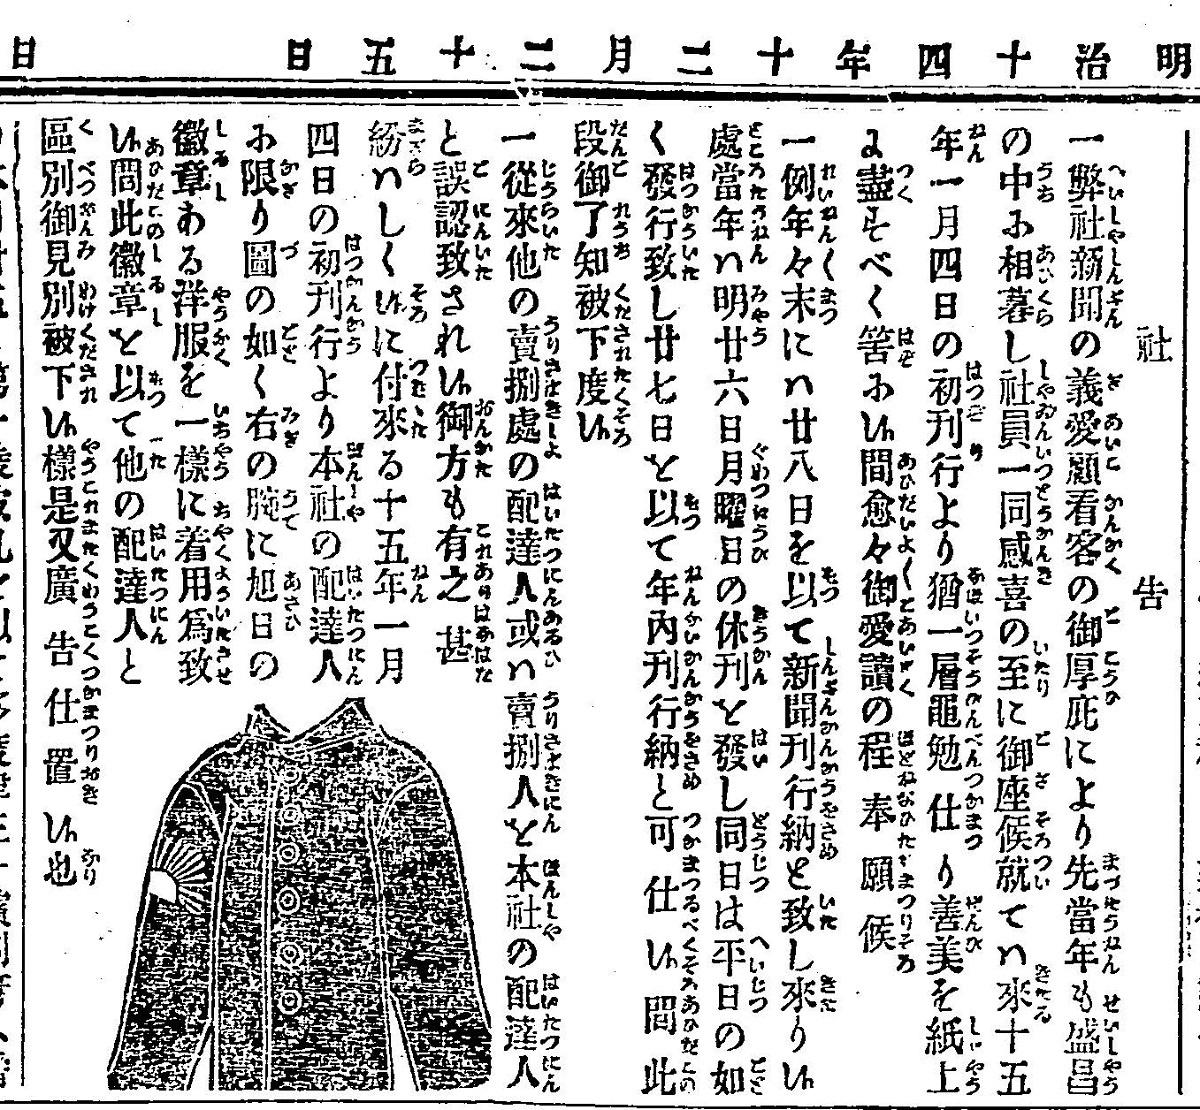 写真・図版 : 袖に社章を付けた服を紹介する1881年(明治14)12月25日朝日新聞4面の社告